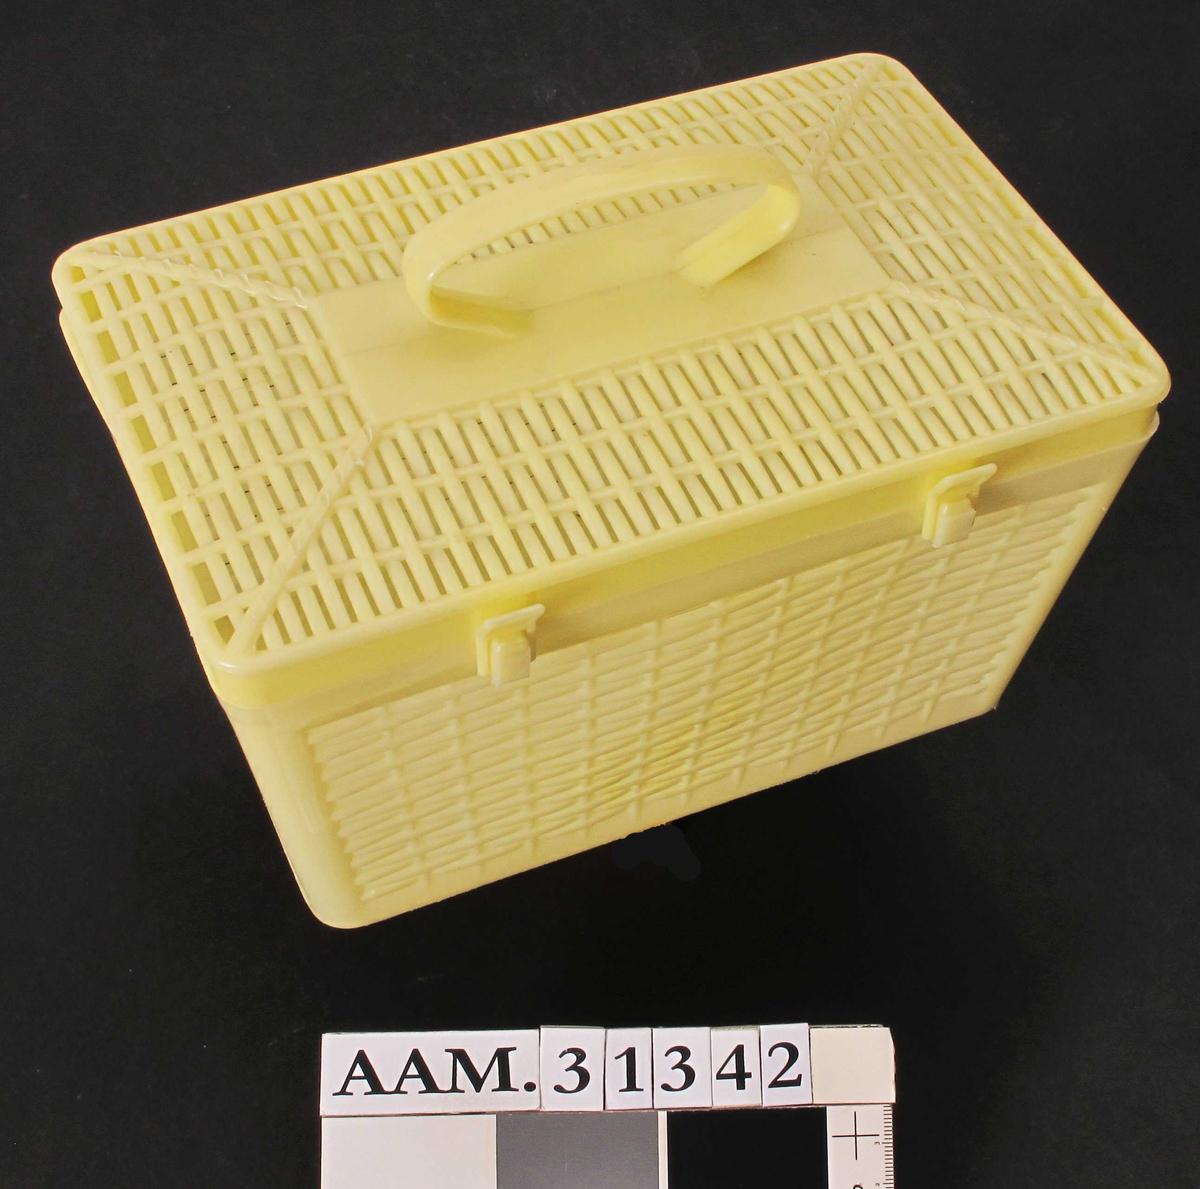 """Lysegul plasteske med hengslet lokk.  Smalner av mot bunnen.  Sidene  er støpt med relieffmønster så de skal se ut som vevd kurv utenpå, og har smale sprekker i mellom """"vevingen"""".  Glatt innvendig.  Lokket er festet med tre hengsler.  Den midterste er noe bredere enn de andre to.  Lokket har også kurvstruktur.  På toppen av lokket sitter det et ovalt bærehåndtak.  Esken lukkes ved help av to tapper som stikker ut fra kanten i lokket.  Tappene passer nedi en knott på selve esken, og låses på plass med en klaff/løkke"""